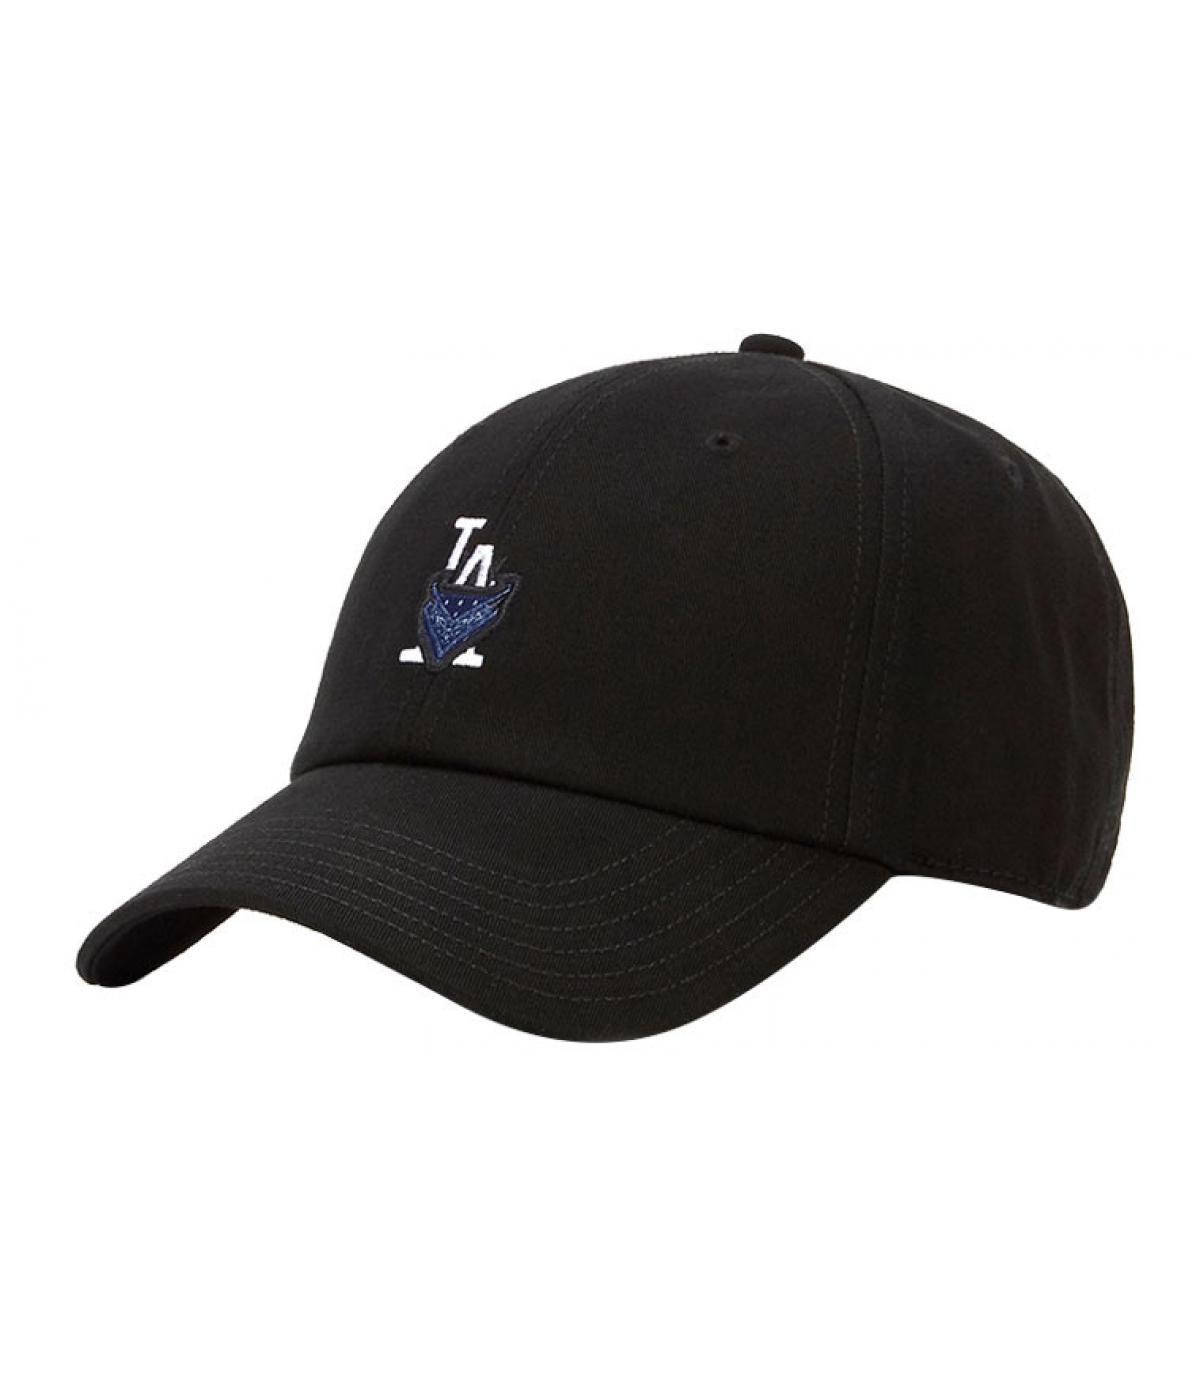 casquette LA bandana noir